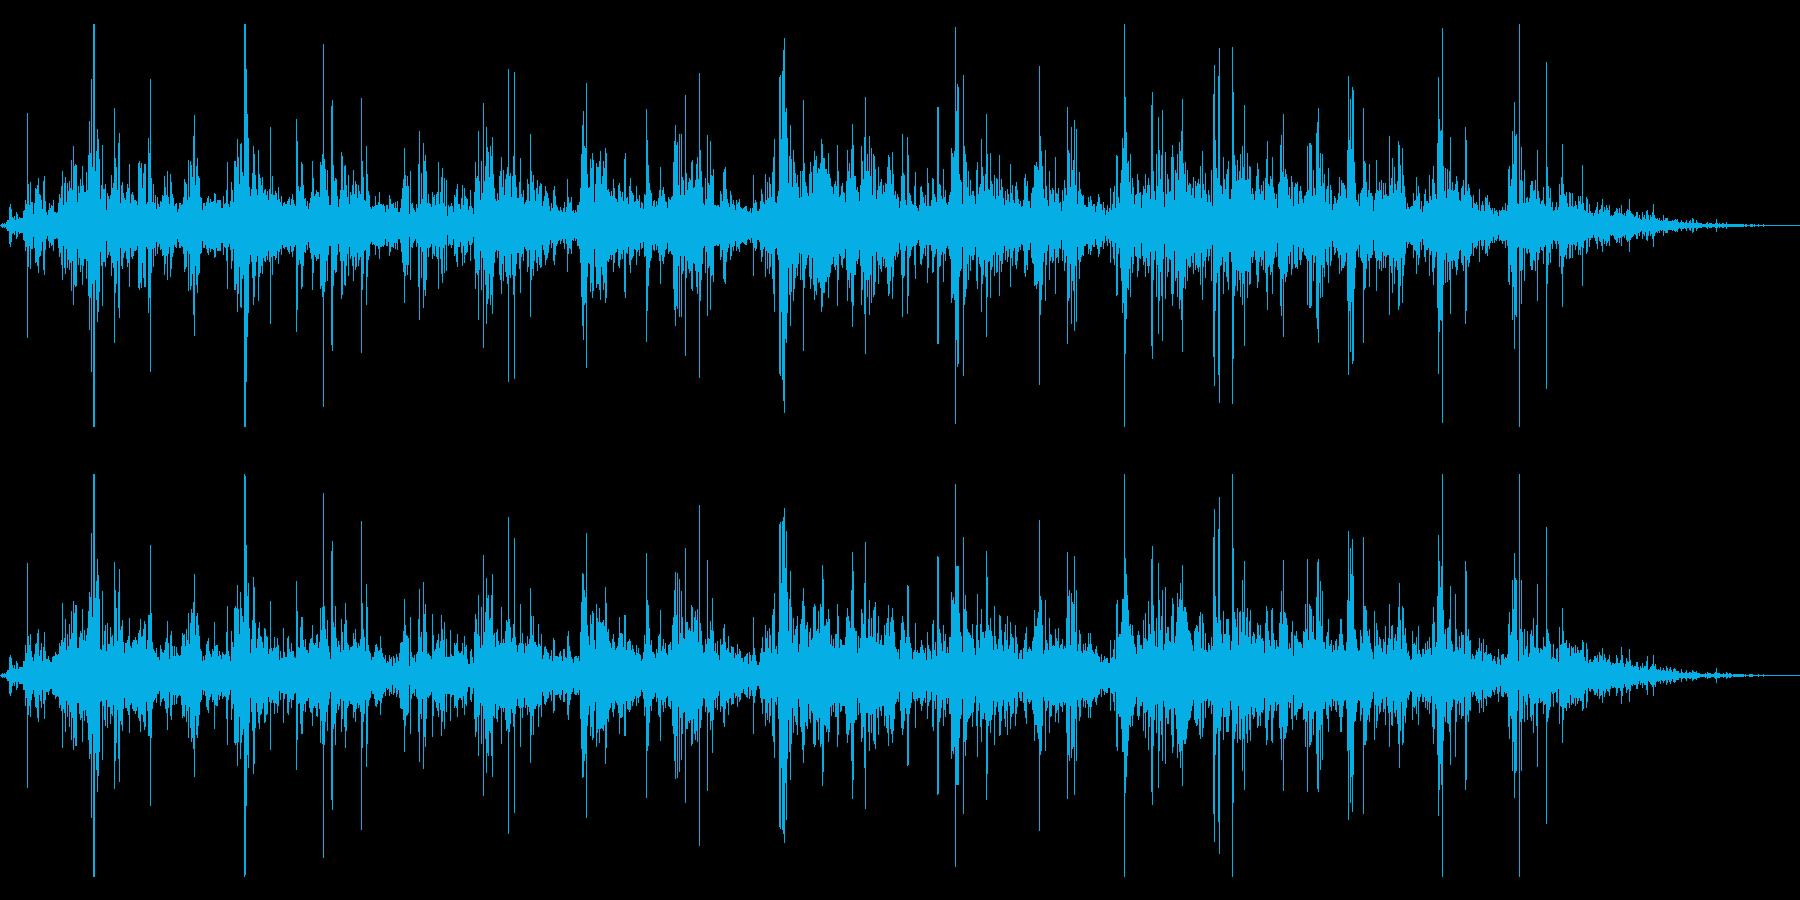 シャラシャラジャラジャラ(鈴・神秘的)の再生済みの波形